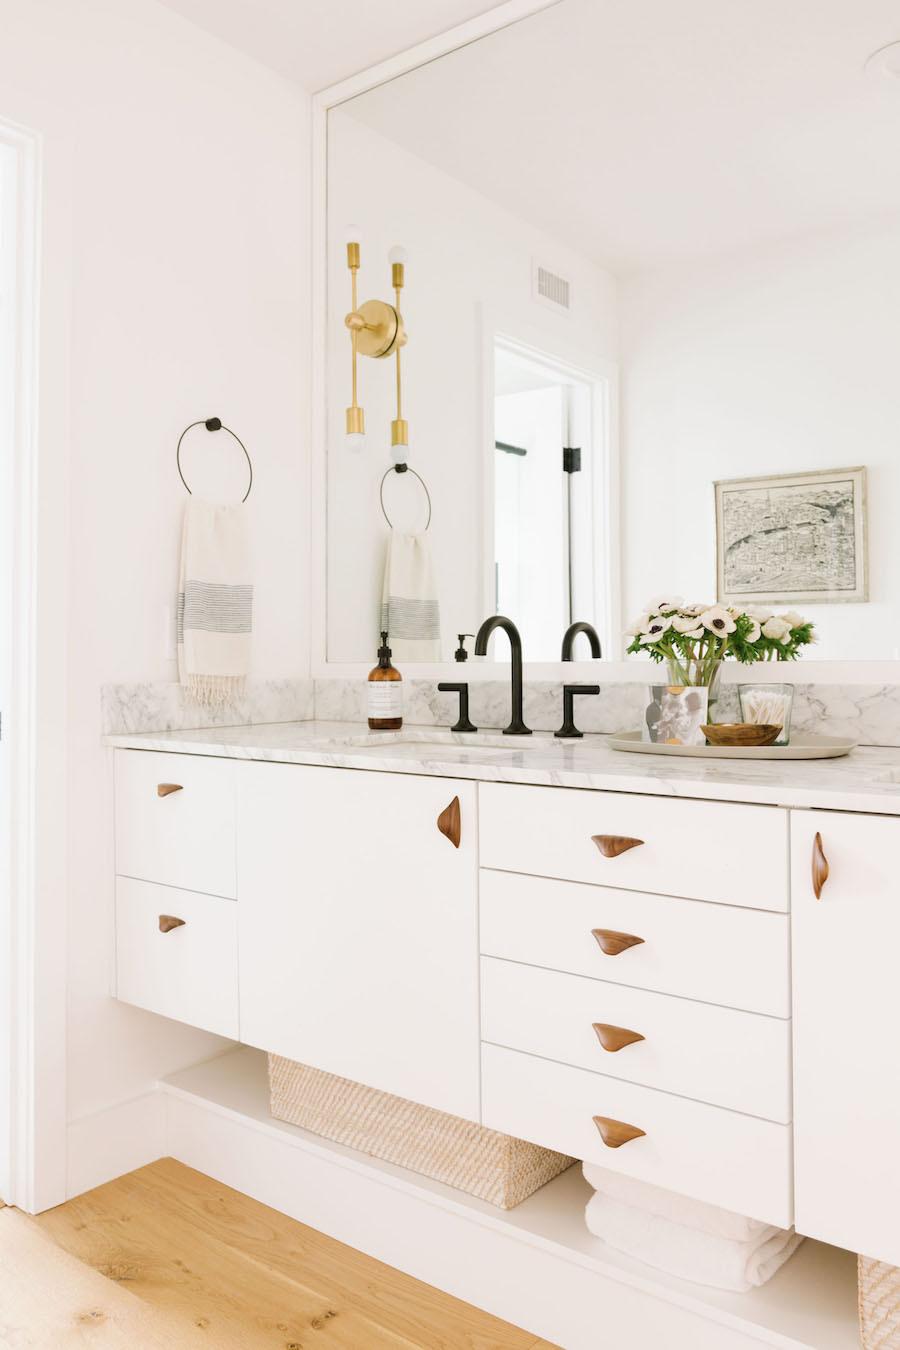 Marble Vanity Bathroom With Black Hardware